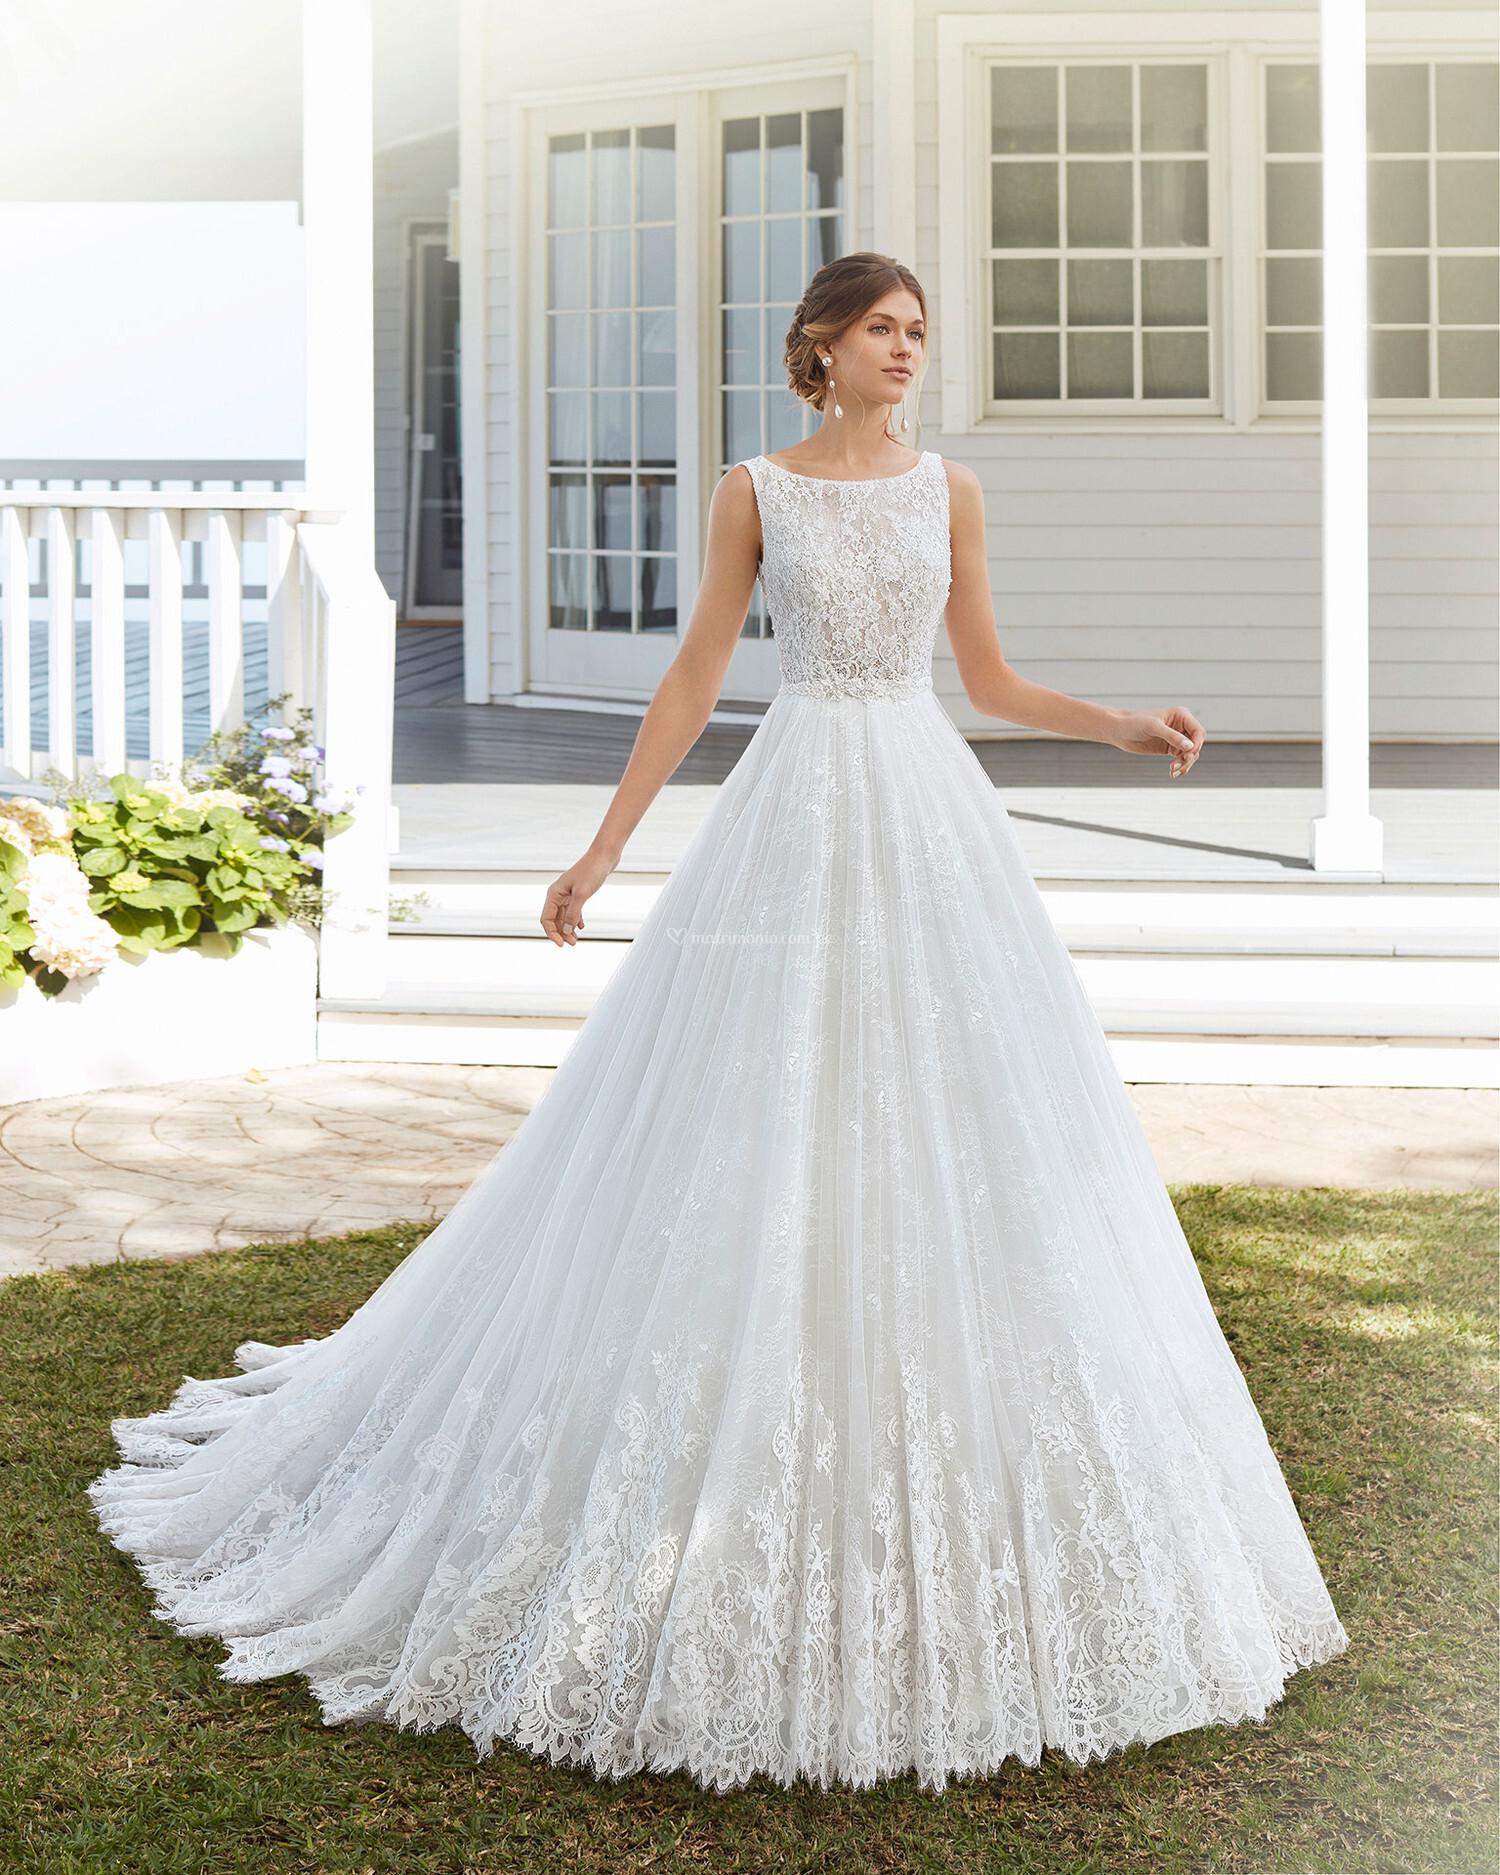 El vestido: ¿Tierna o traviesa? 1